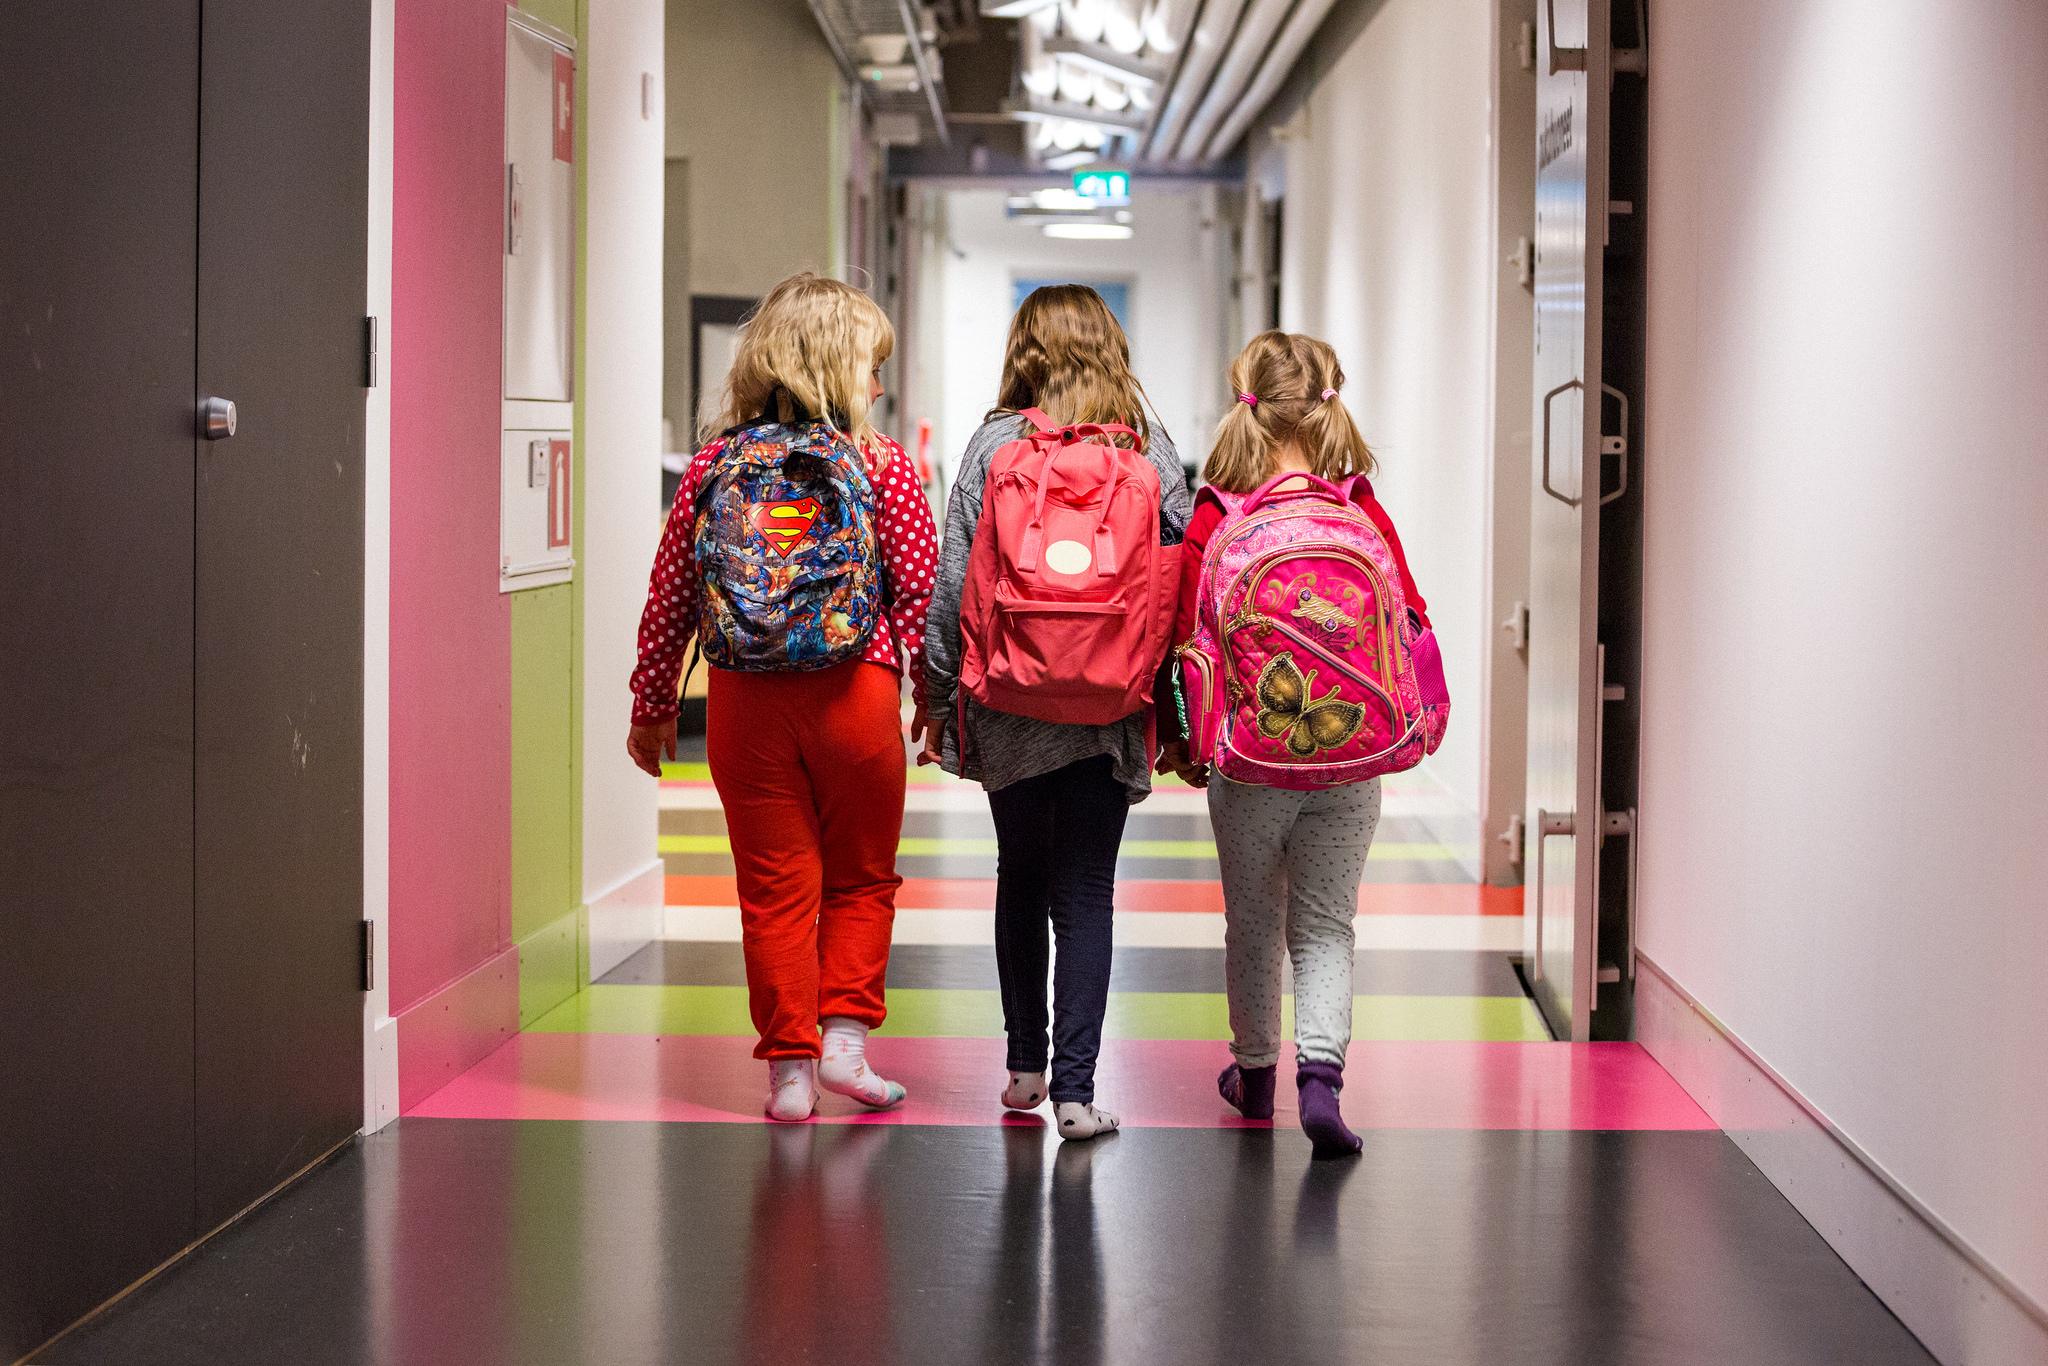 Lasten Ja Nuorten Oppimisen Polkua Vahvistettava